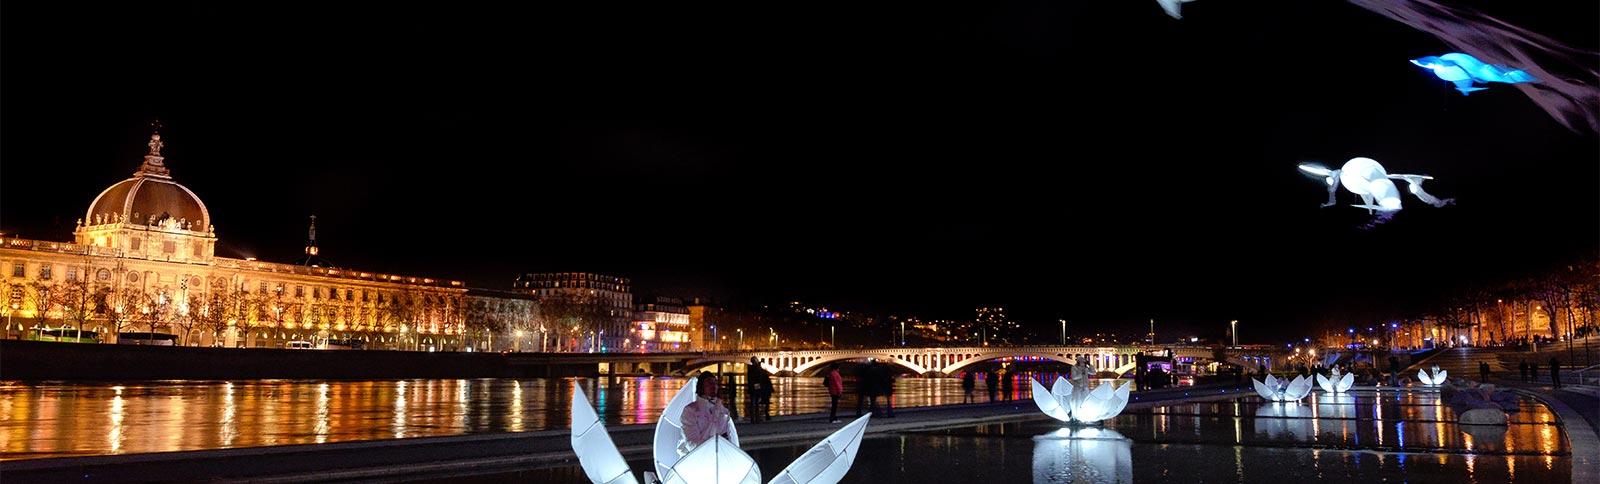 porteparlevent_evenement_spectaclenuit_festival lumiere_fete des lumiere_lyon_lumineole